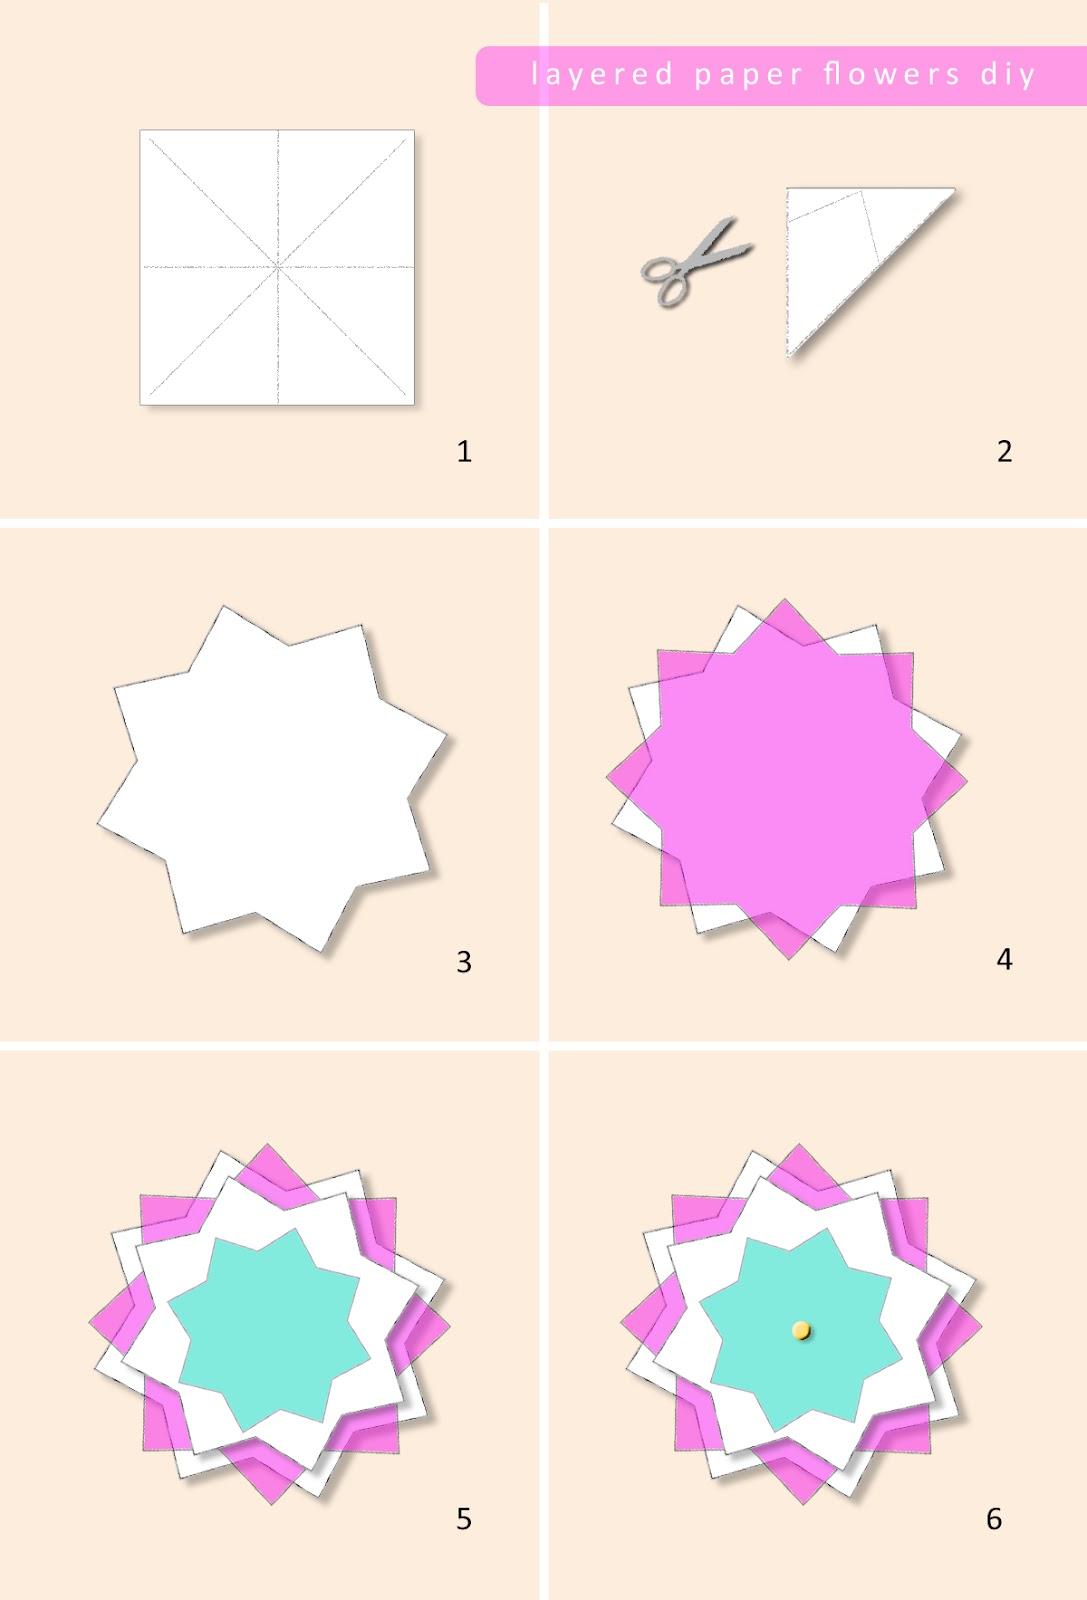 Ingrid Siliakus Simple Layered Paper Art Www Imgkid Com The Image Kid